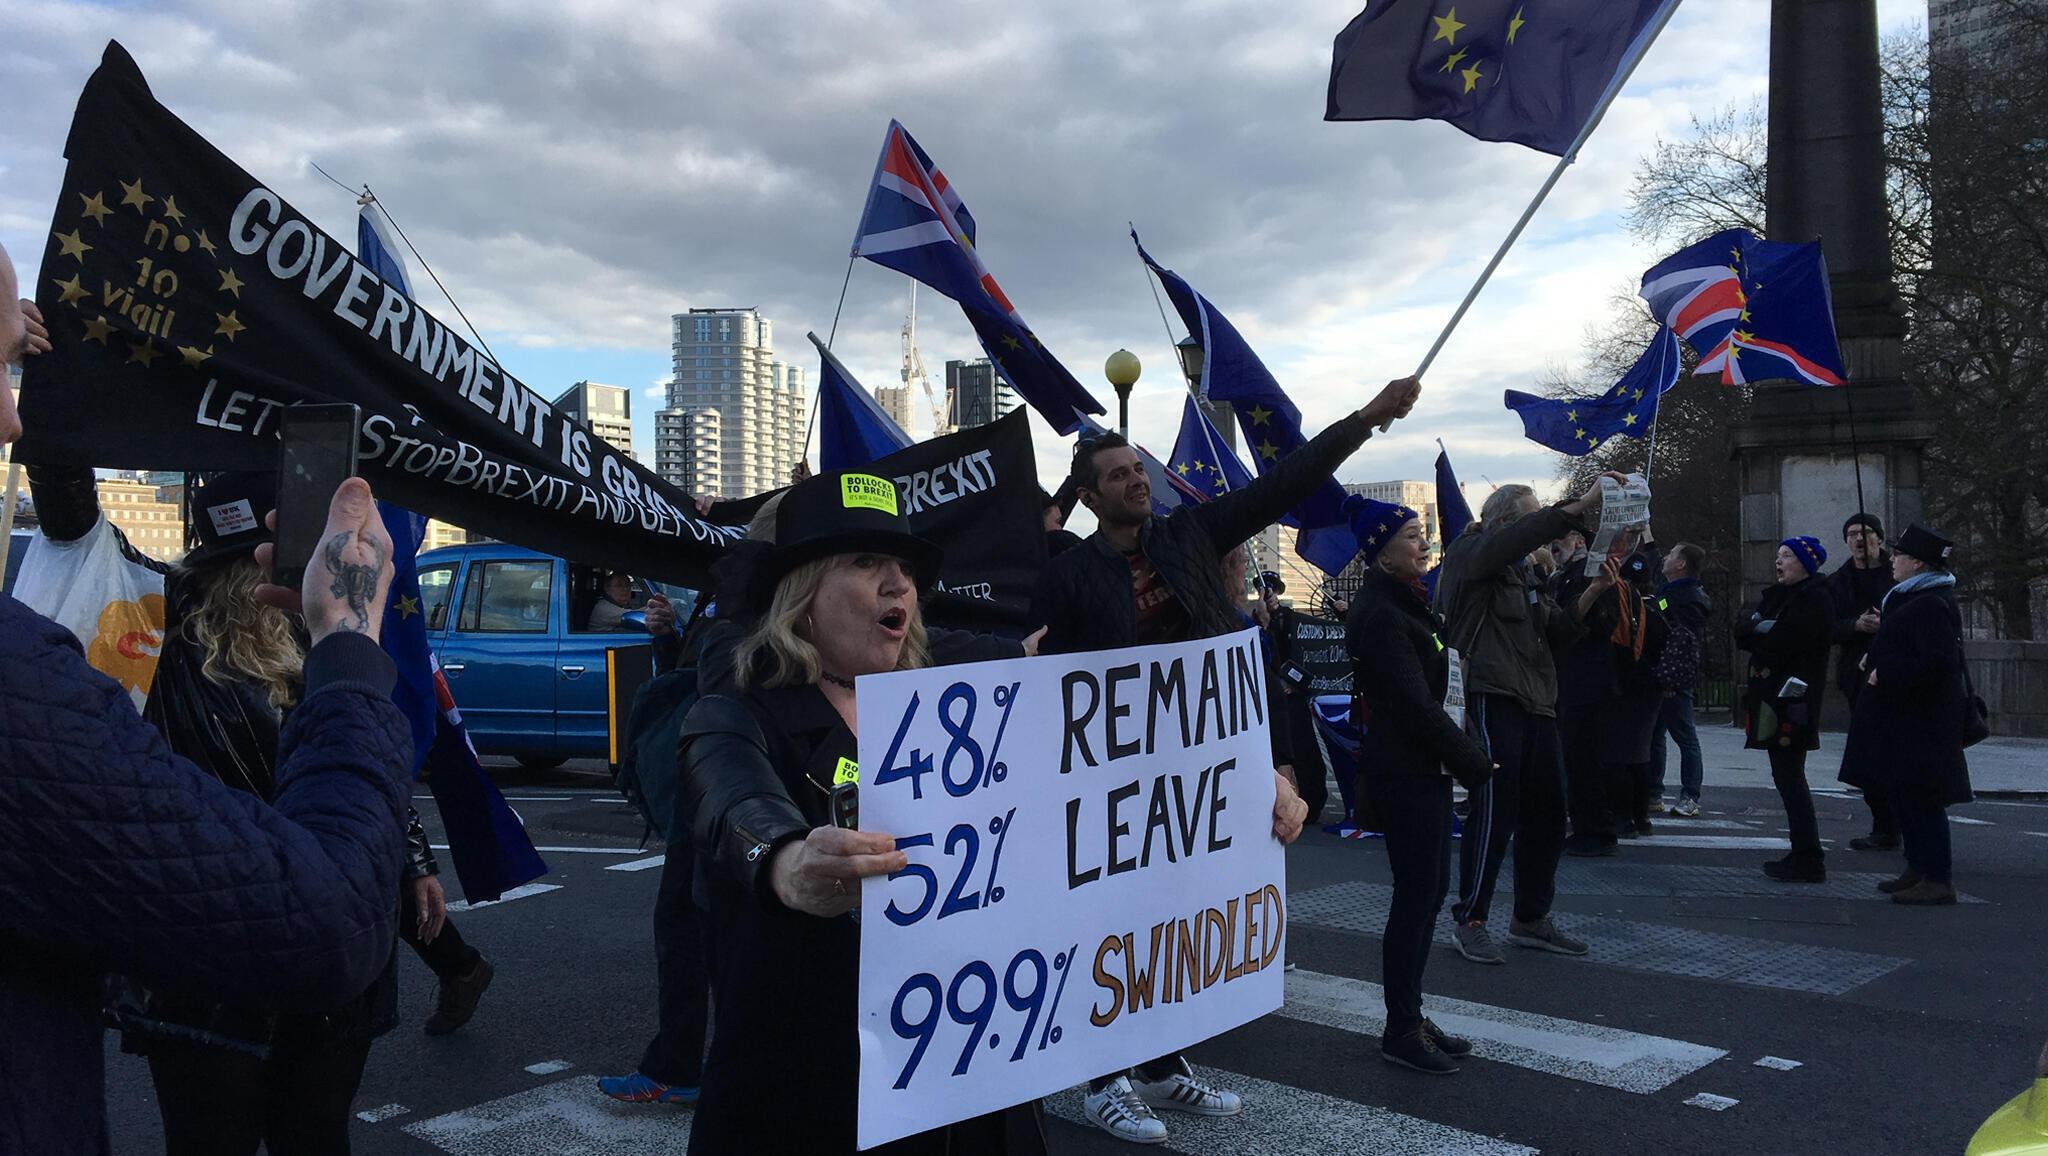 Le 26 mars 2018, les opposants au Brexit manifestaient devant le Parlement.